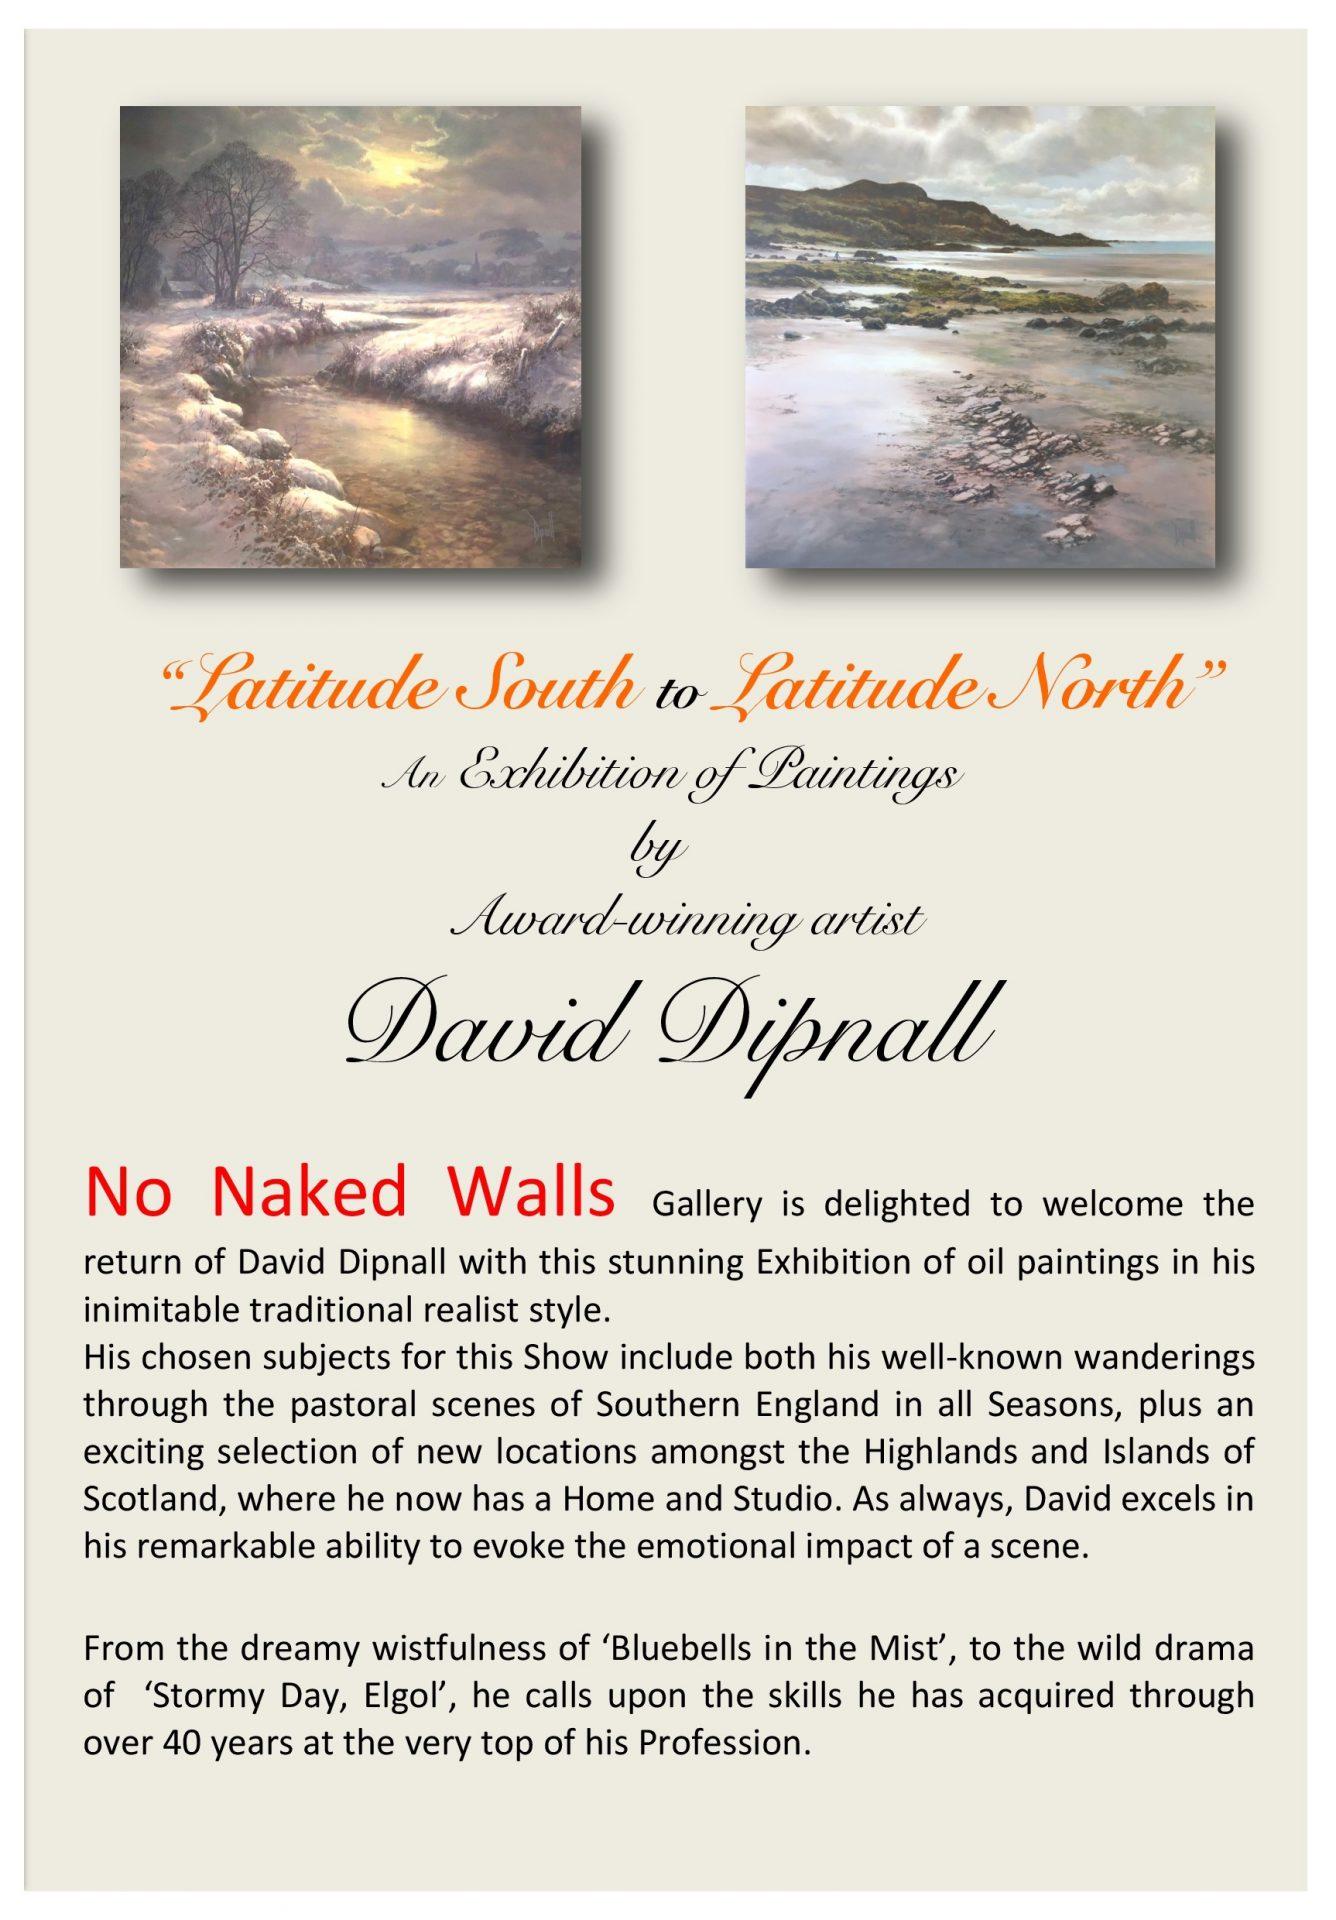 David dipnall exhibiton of paintings no naked walls brochurepdfp1 page 0 stopboris Choice Image